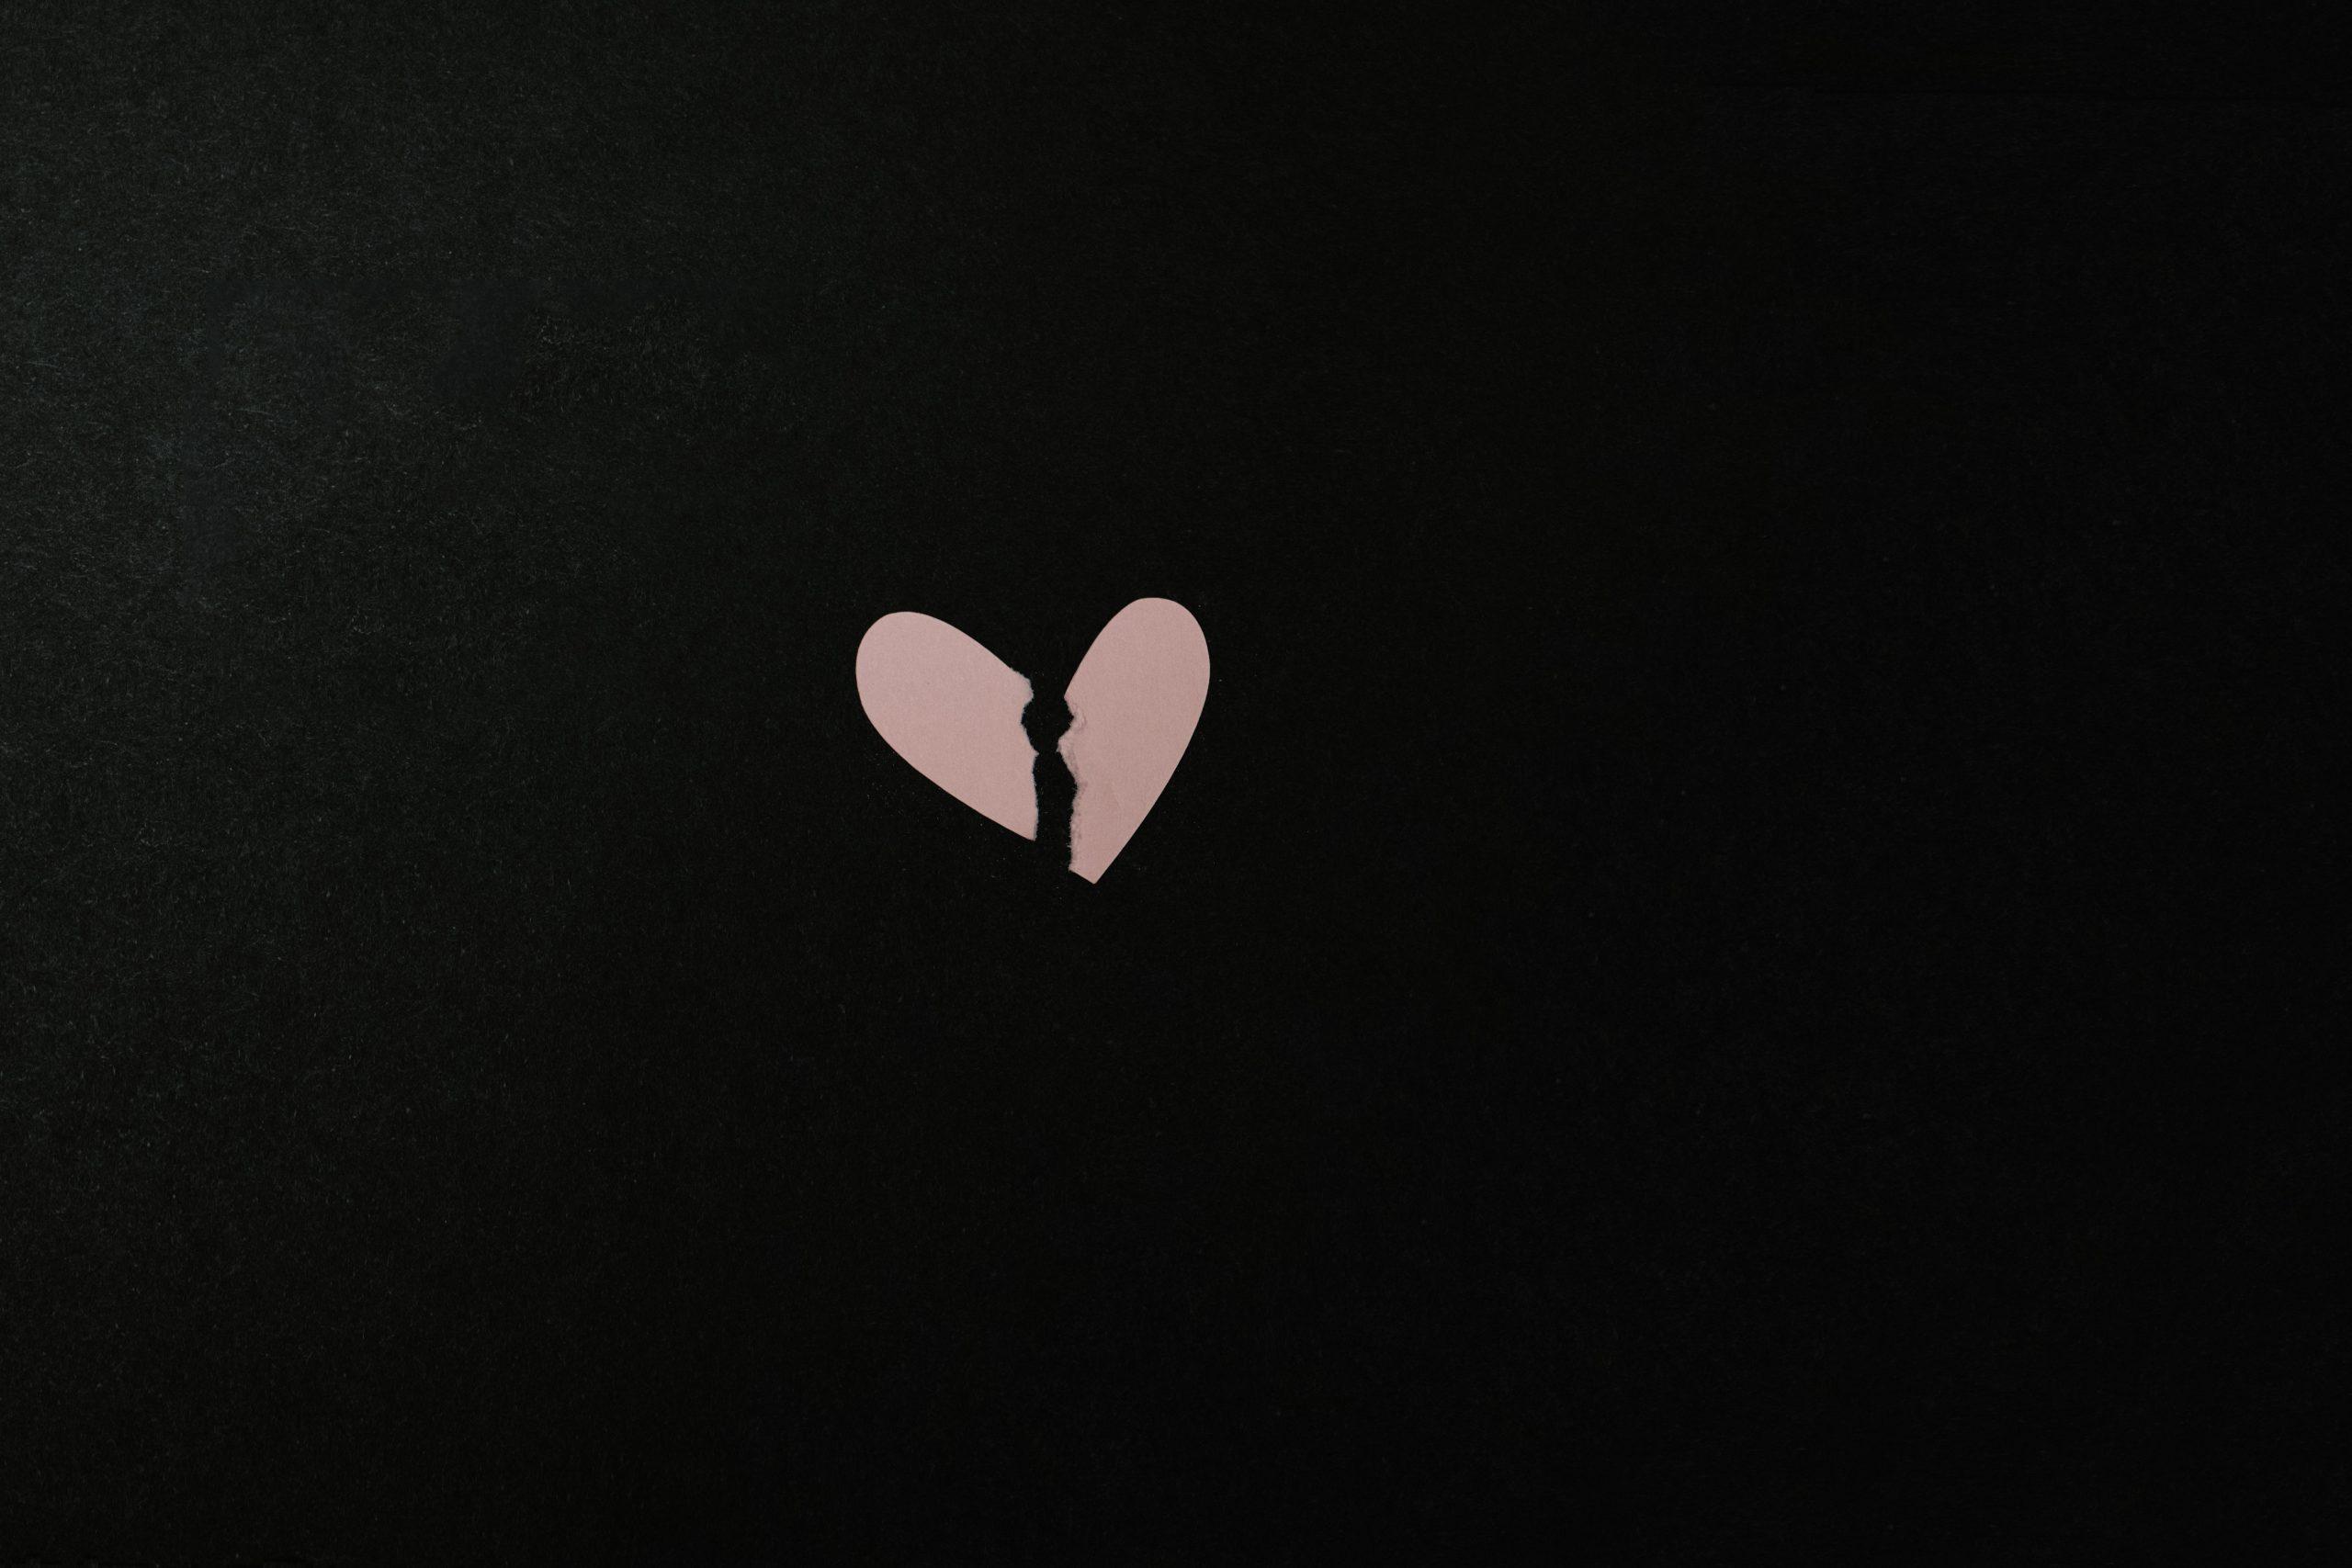 kelly-sikkema-dzgrvb-4lrk-unsplash